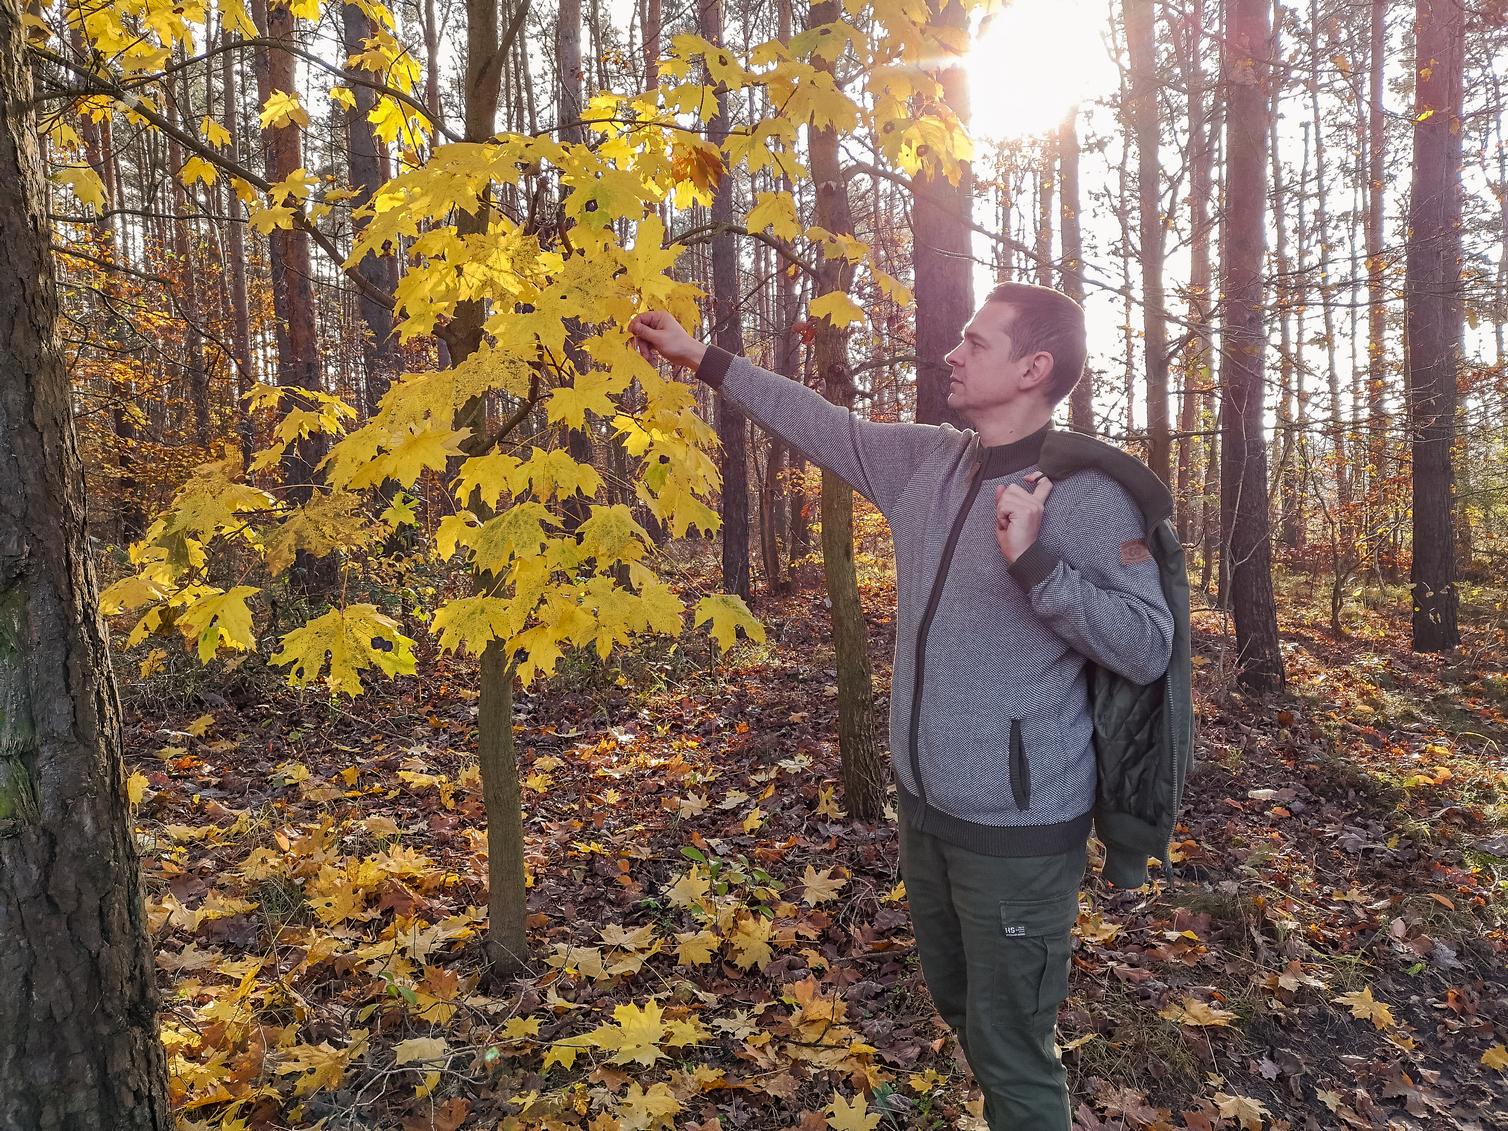 Gdzie pojechać z dzieckiem jesienią, czyli rodzinne wycieczki